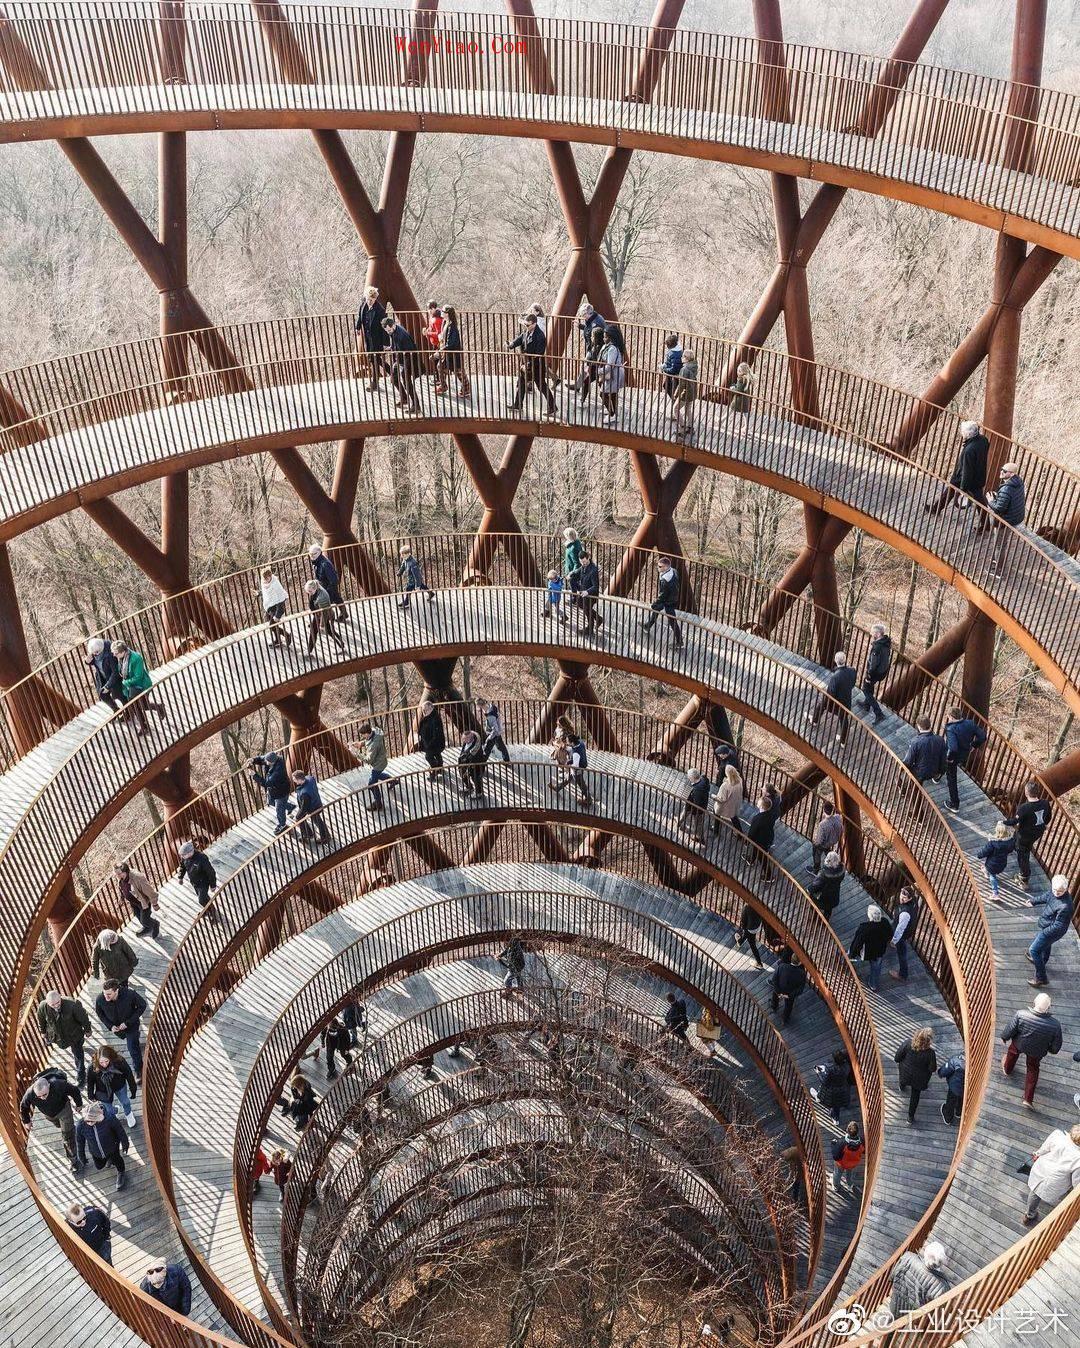 丹麥探險塔 |带你全视角一览丹麦,丹麥探險塔 |带你全视角一览丹麦 工业设计艺术 第7张,丹麥探險塔,工业设计艺术,第7张